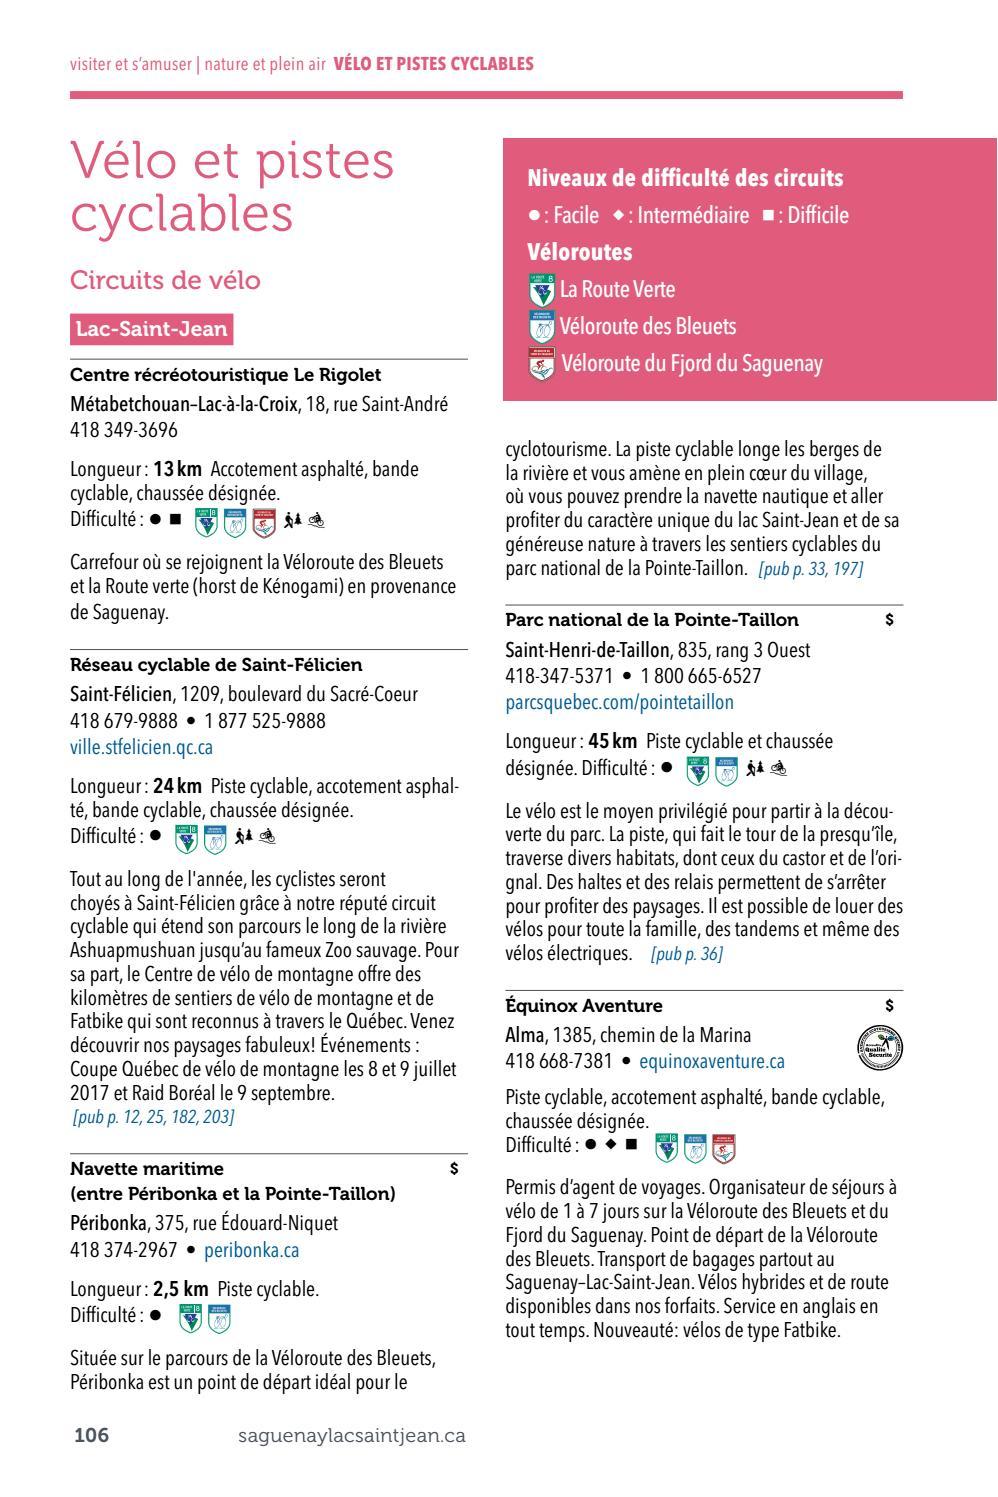 Guide Touristique Officiel Du Saguenay Lac Saint Jean Edition 2017 By Tourisme Saguenay Lac Saint Jean Tourism Issuu